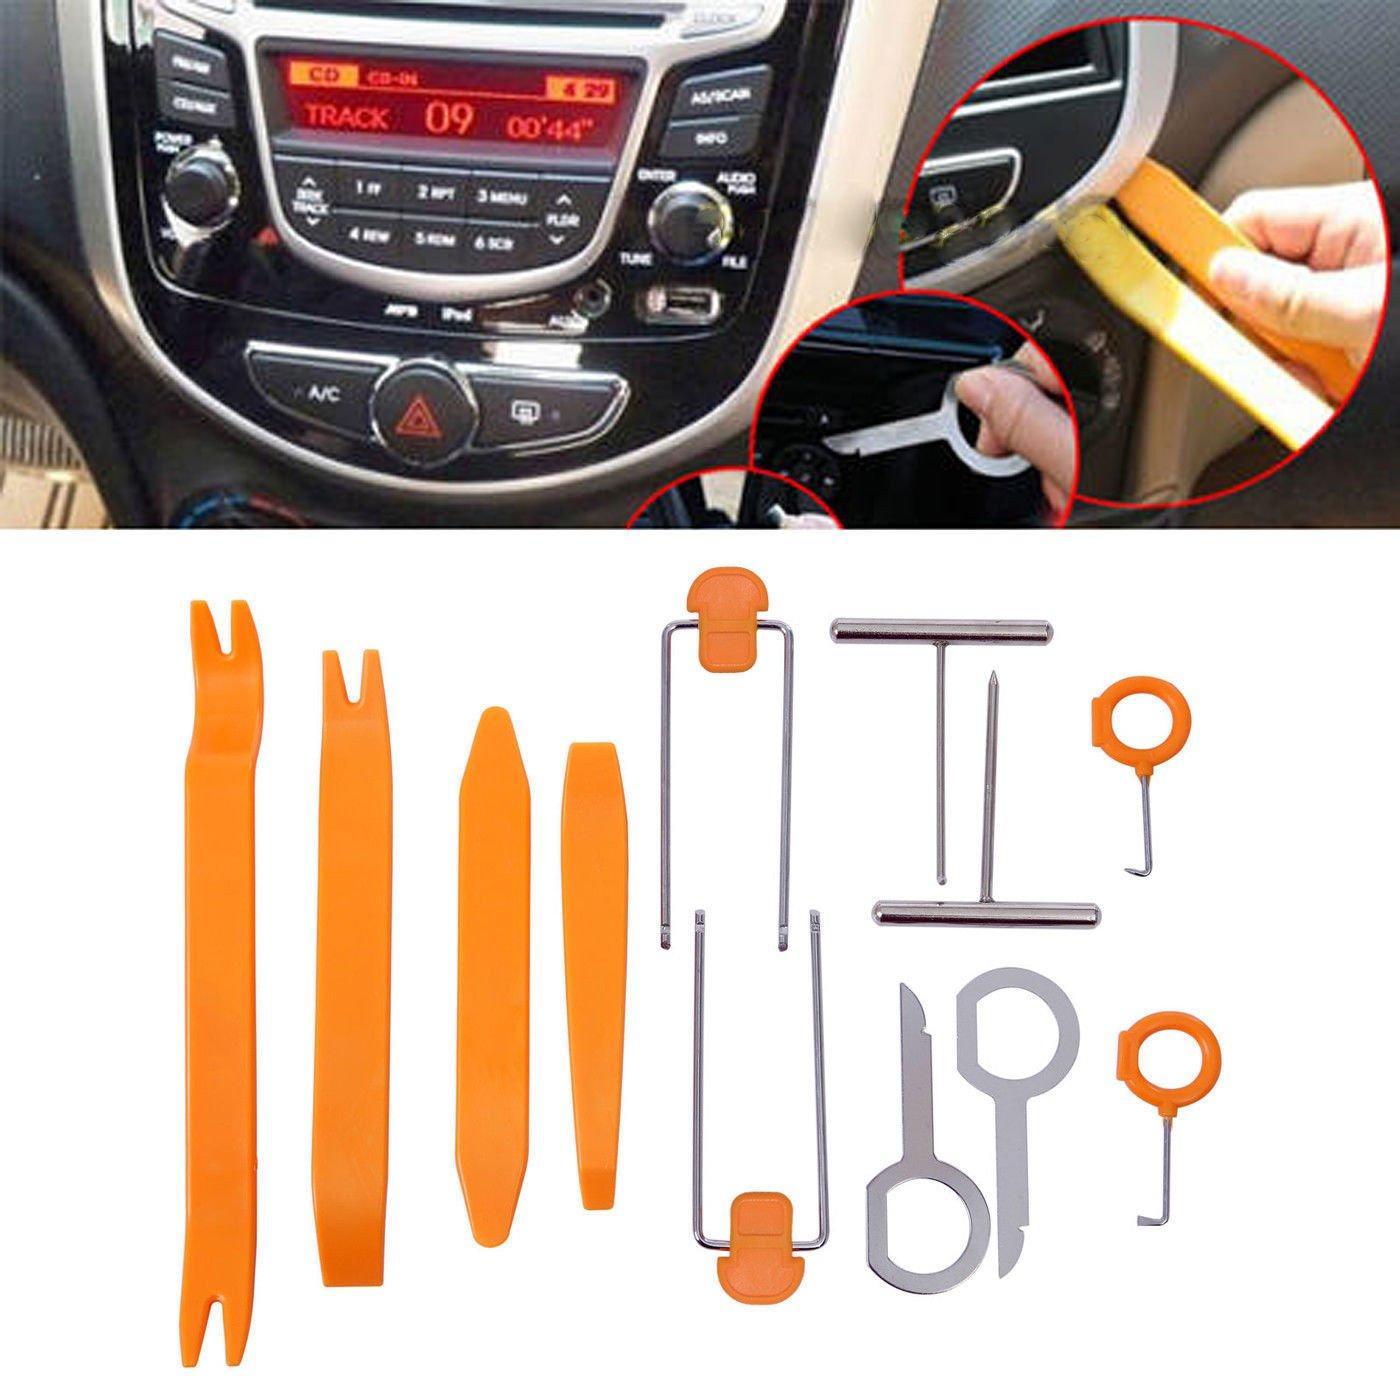 12PCS Coche Radio Est/¨/¦reo Puerta eliminaci/¨/®n del ajuste Panel Dash Pry Herramienta Kit Audio Instalador Goliton